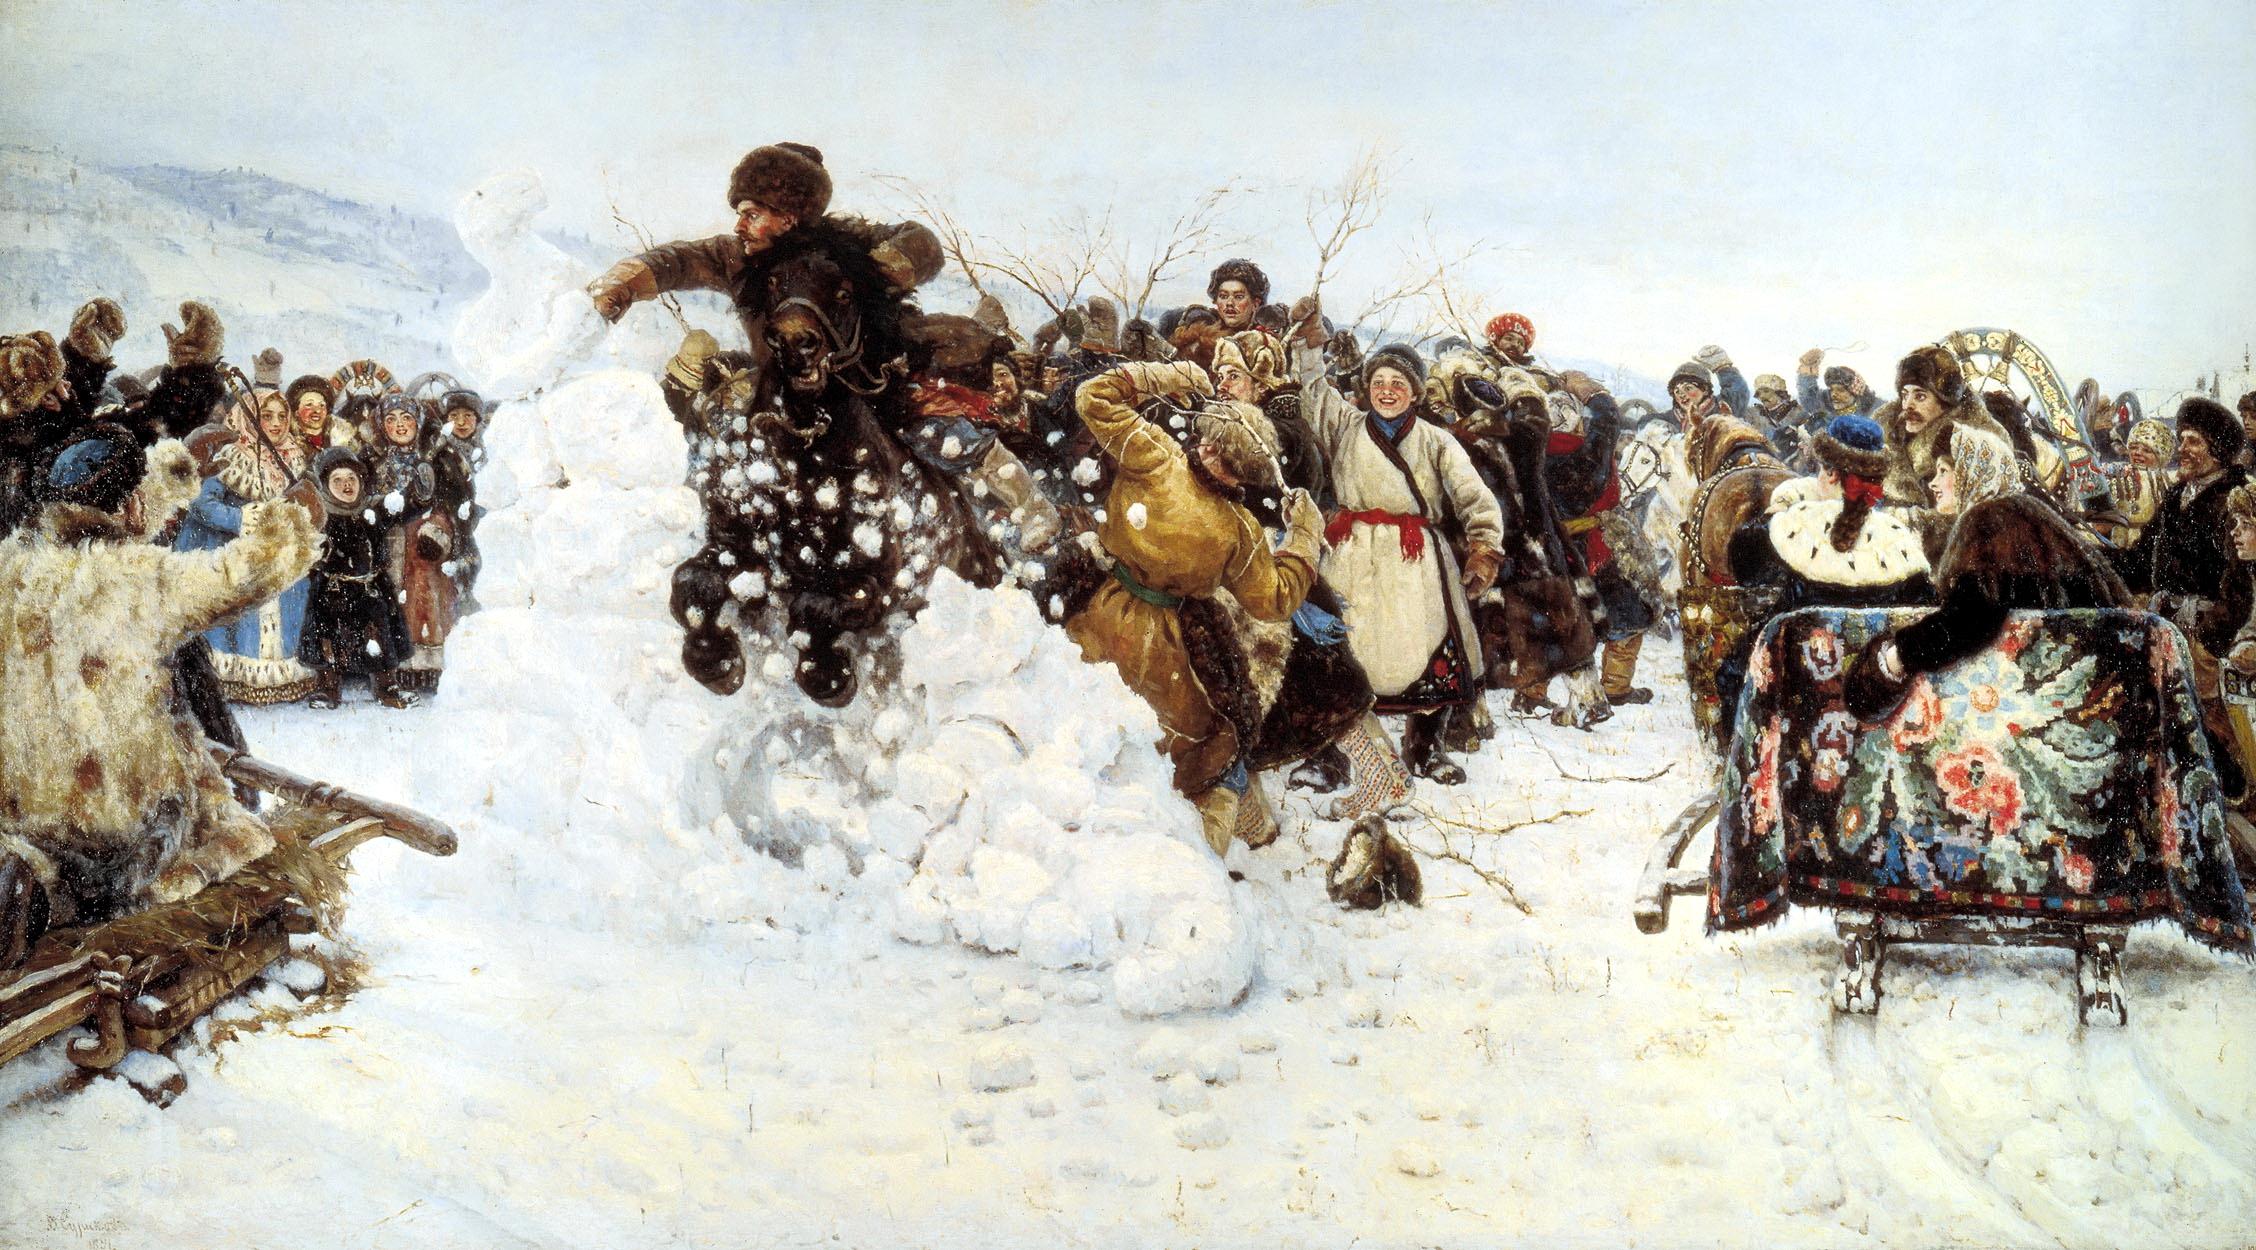 СУРИКОВ Василий - Взятие снежного городка